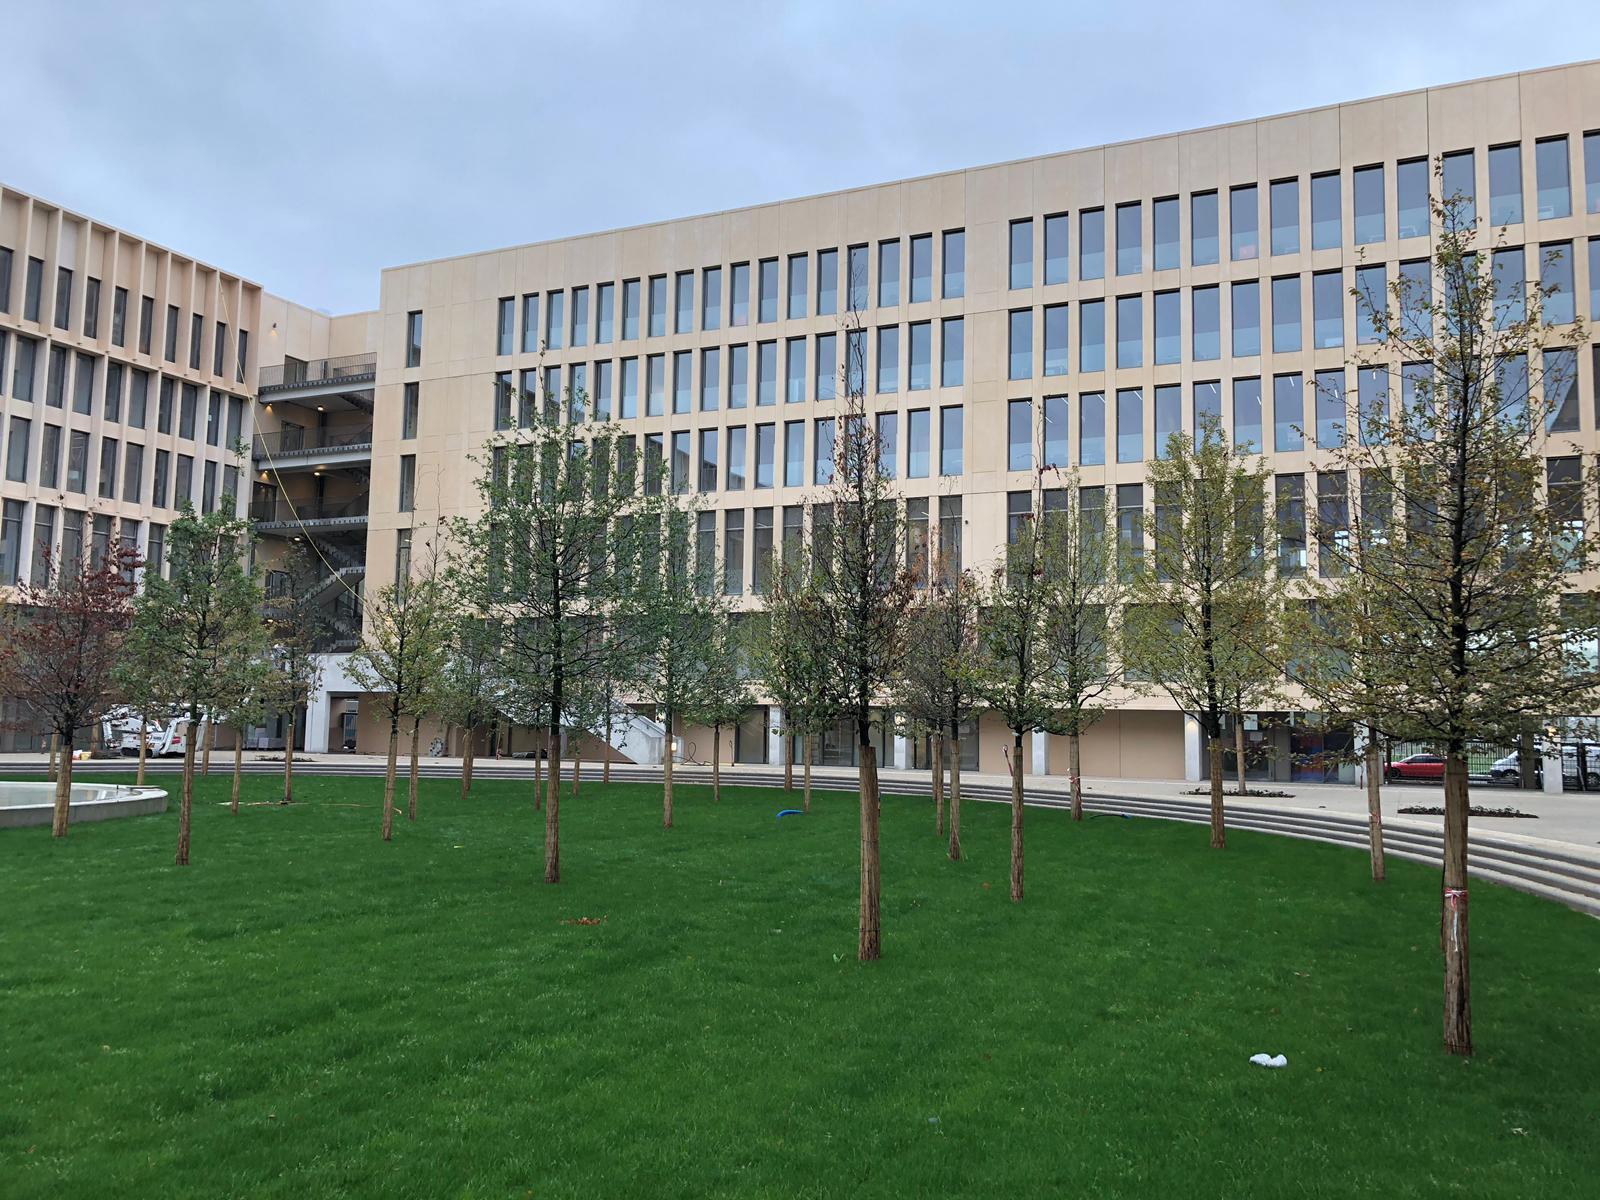 La Direction générale de l'IMT, Télécom Paris et une partie de Télécom SudParis s'installent à Palaiseau